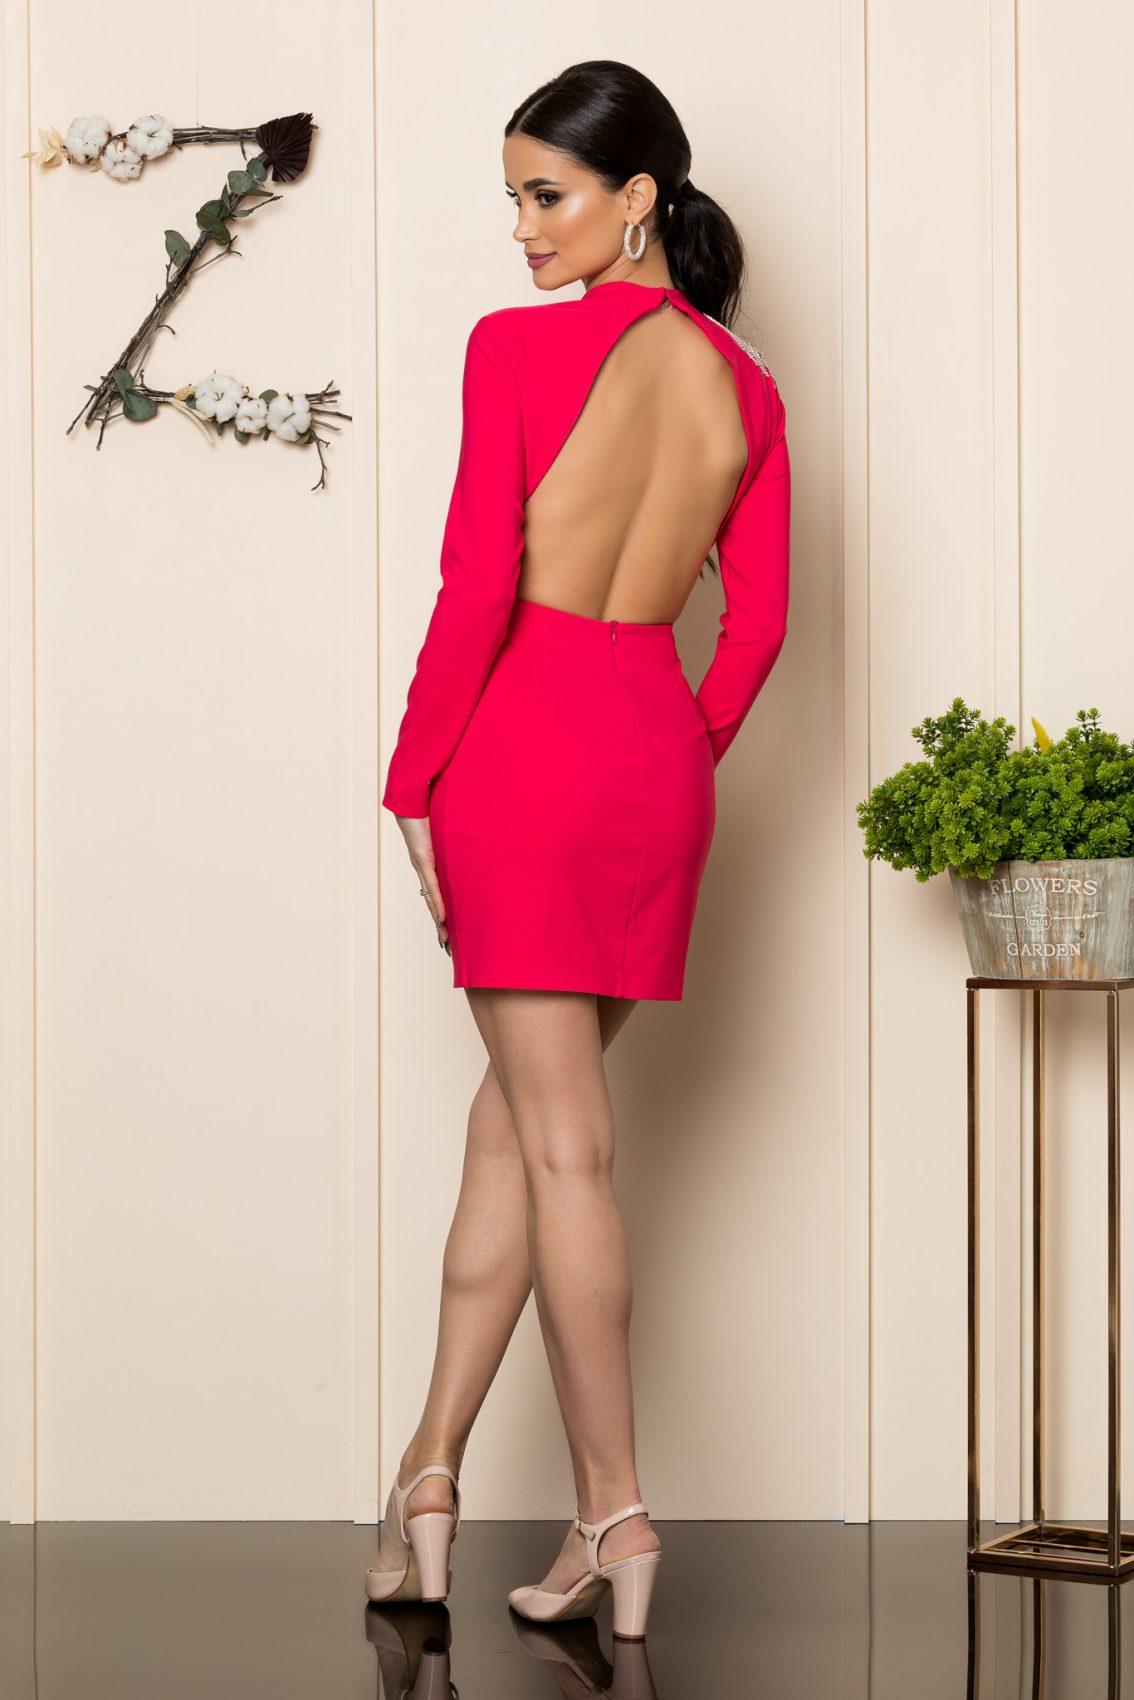 Φούξια Μίνι Εξώπλατο Φόρεμα Misty 1084 1